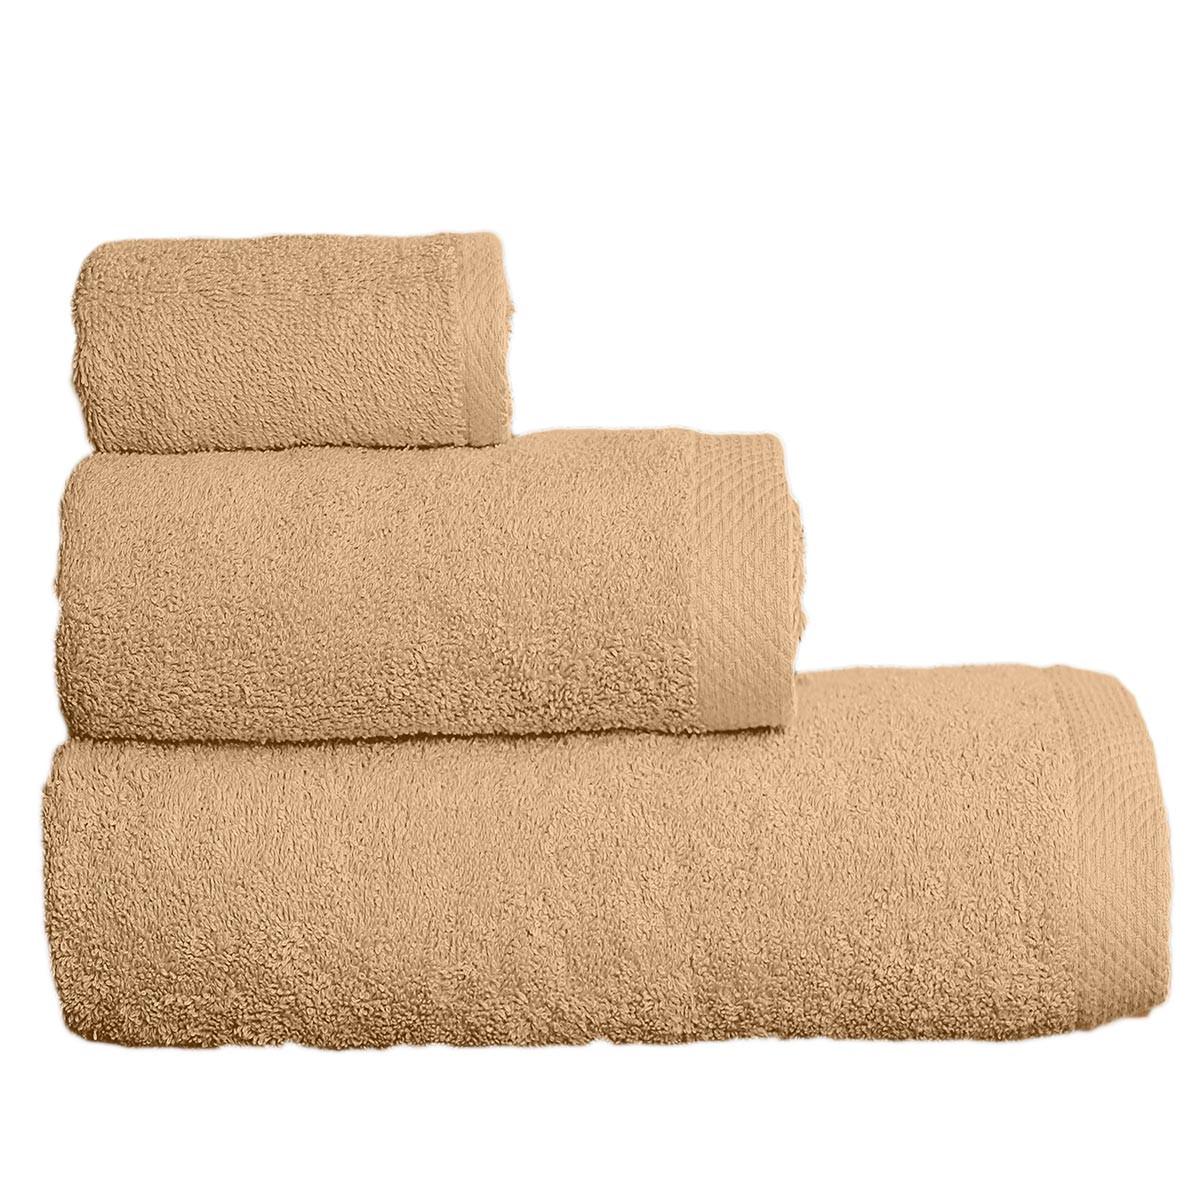 Πετσέτες Μπάνιου (Σετ 3τμχ) Vielen 866099 Μπεζ